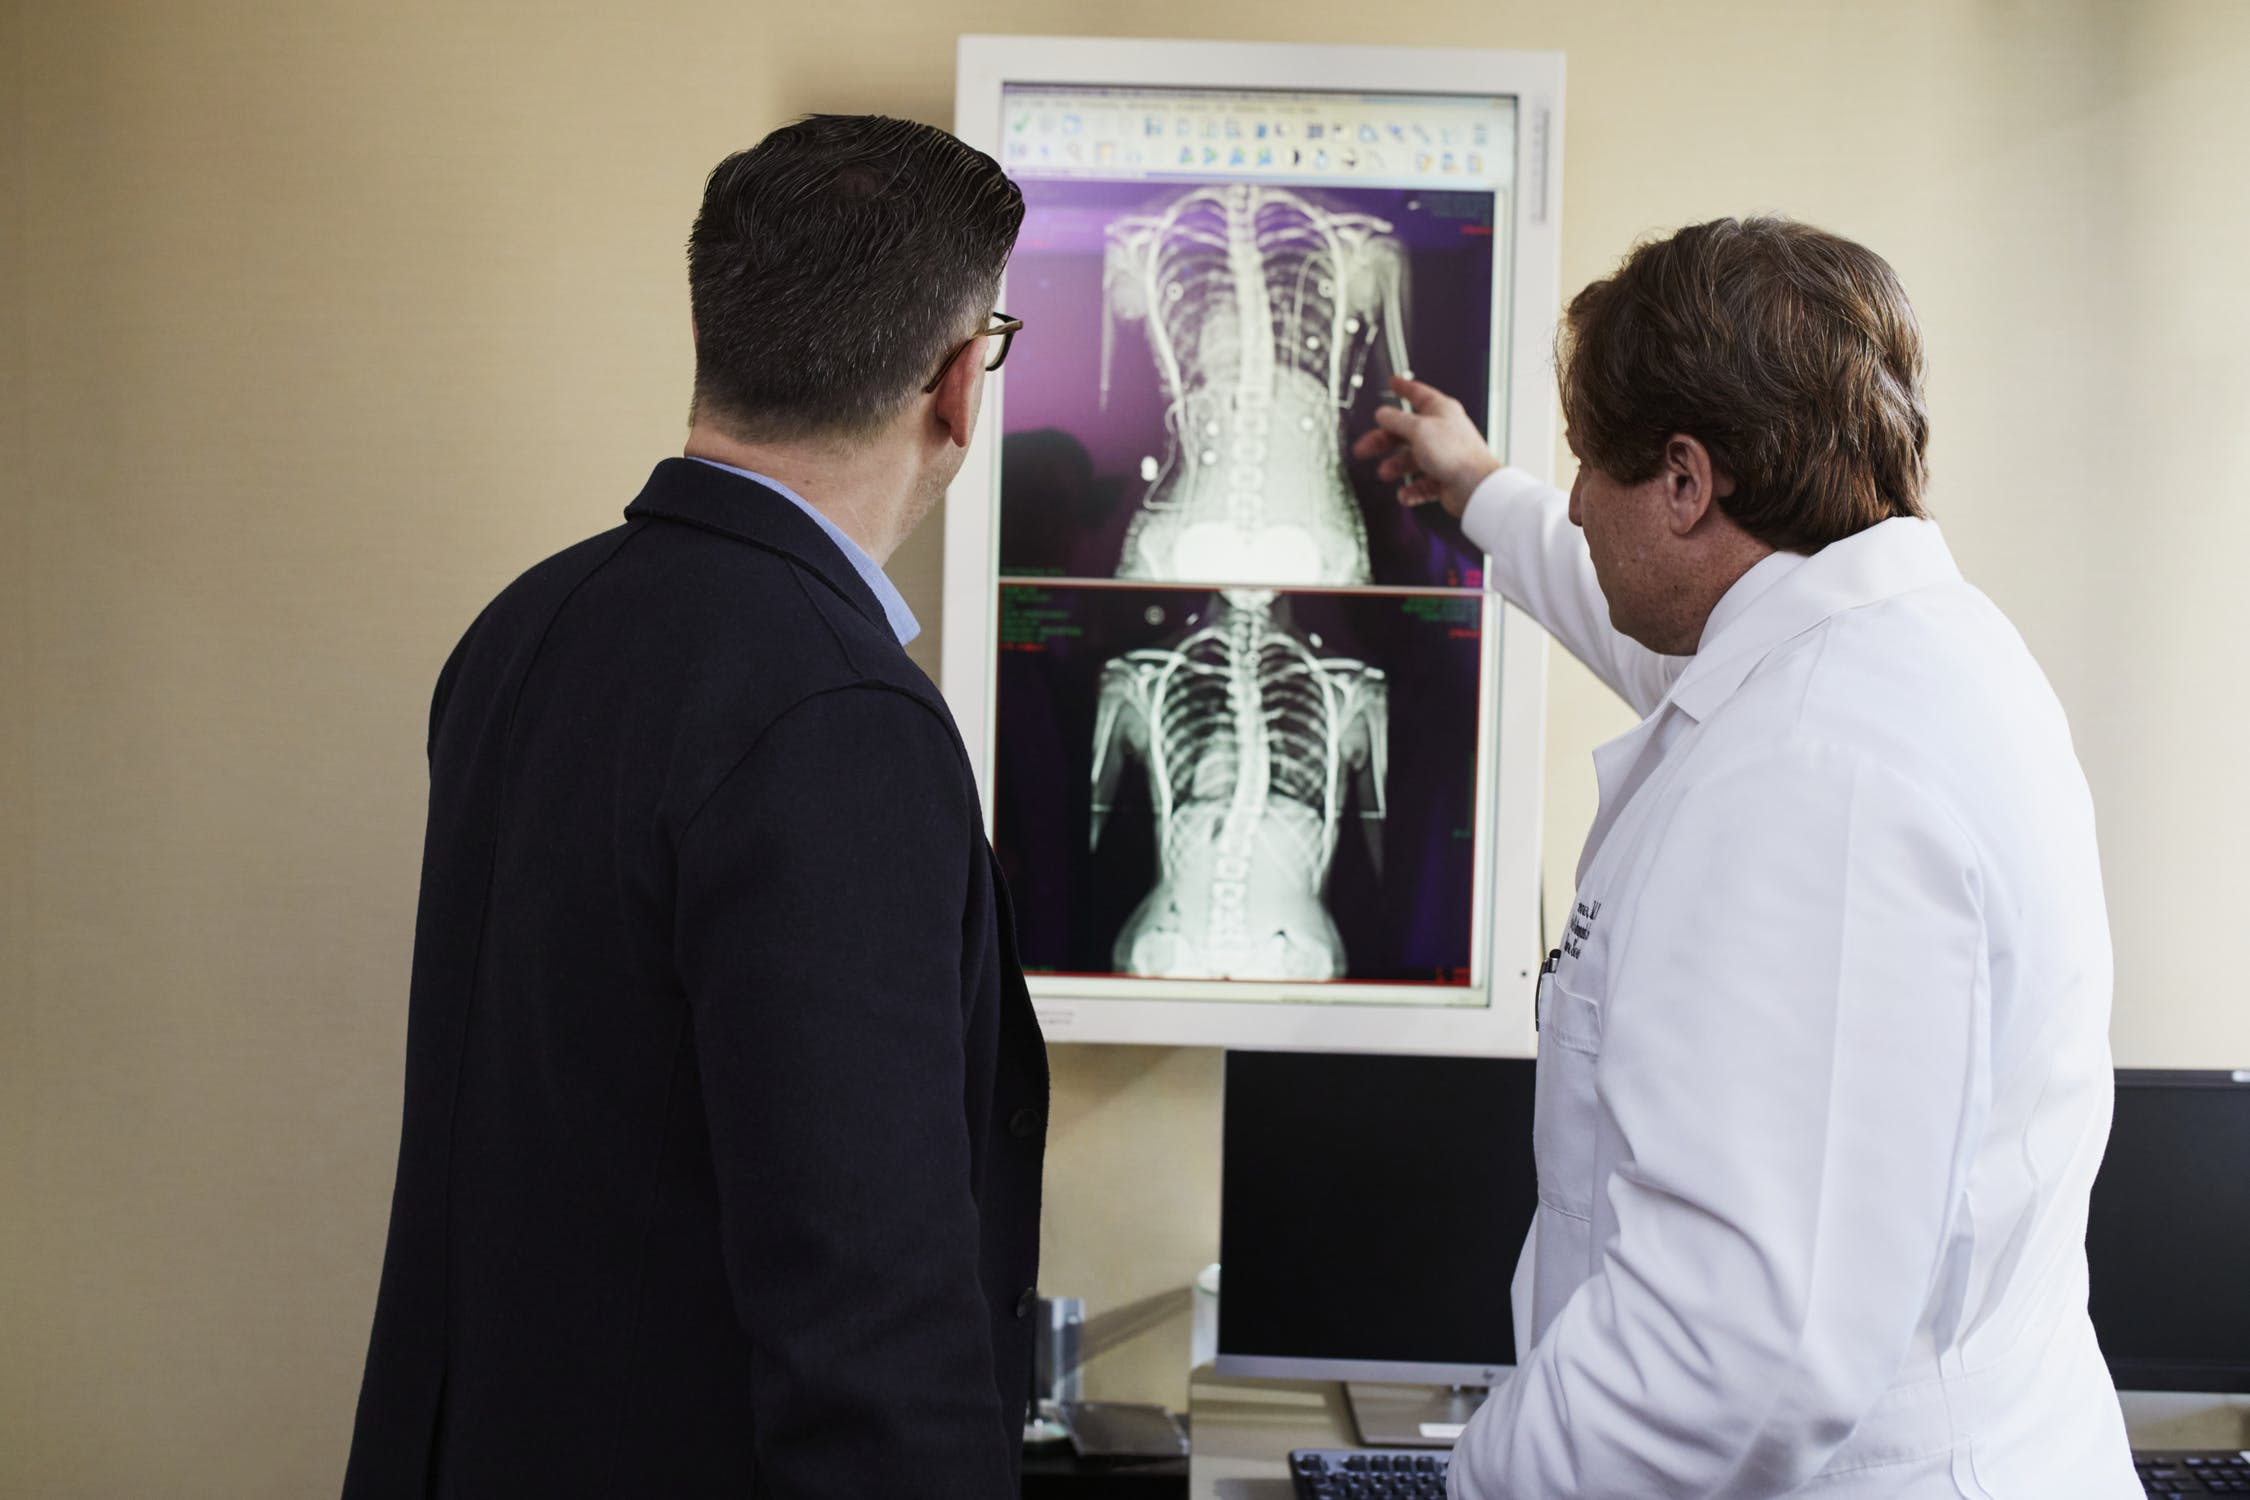 האם לקראת mri עמוד שדרה מחיר הבדיקה הוא שיקול משמעותי?